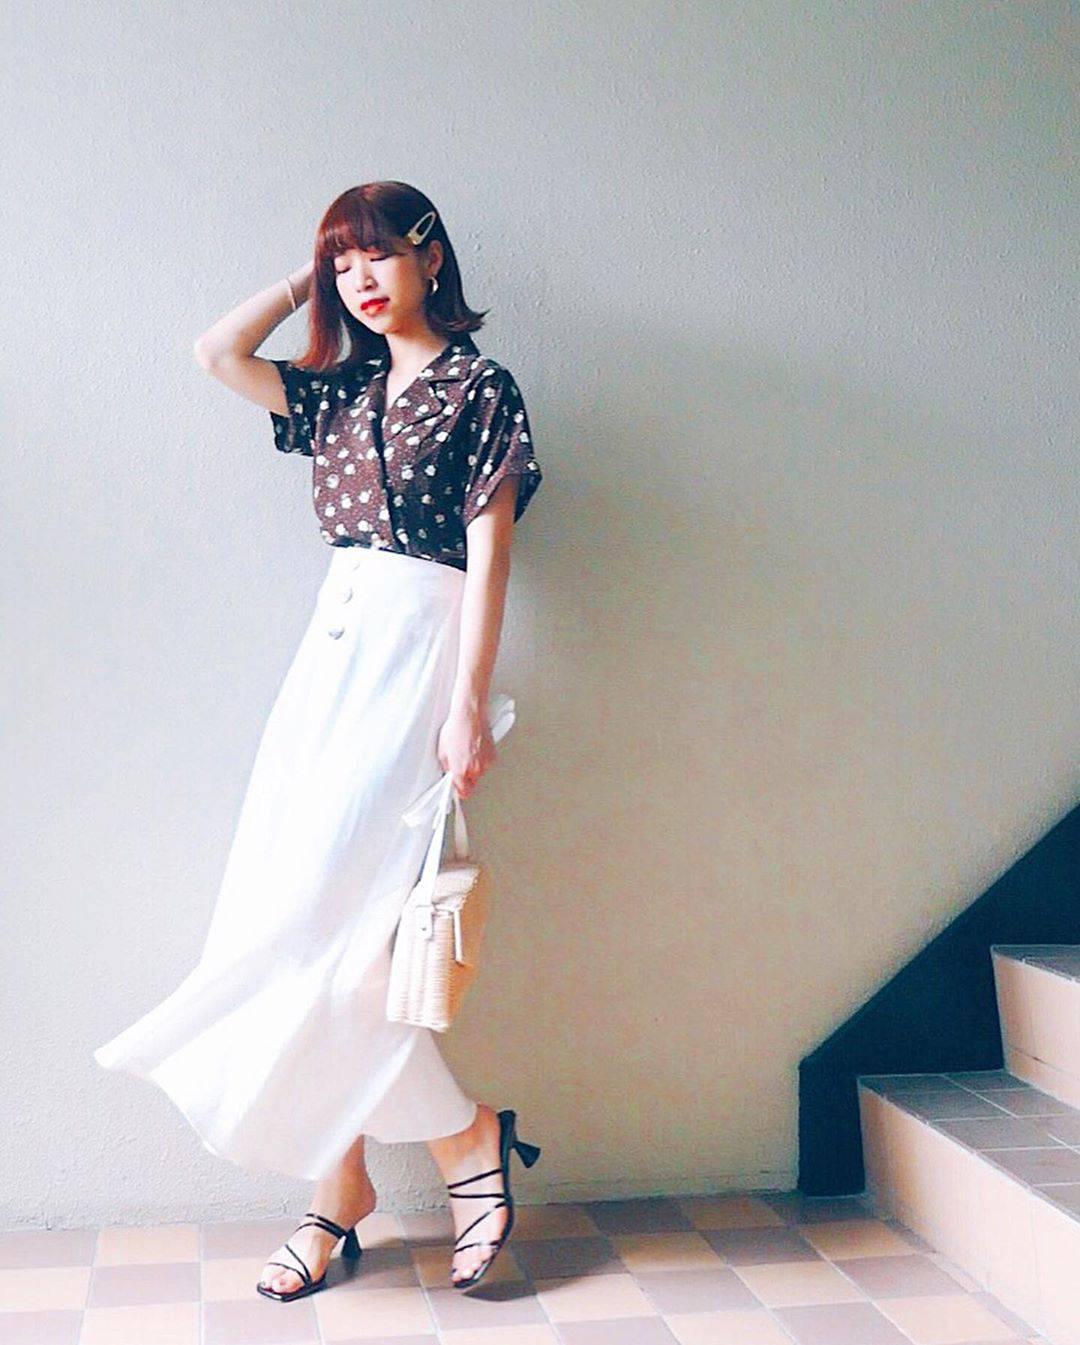 最高気温28度・最低気温22度 natsu_outfitsの服装